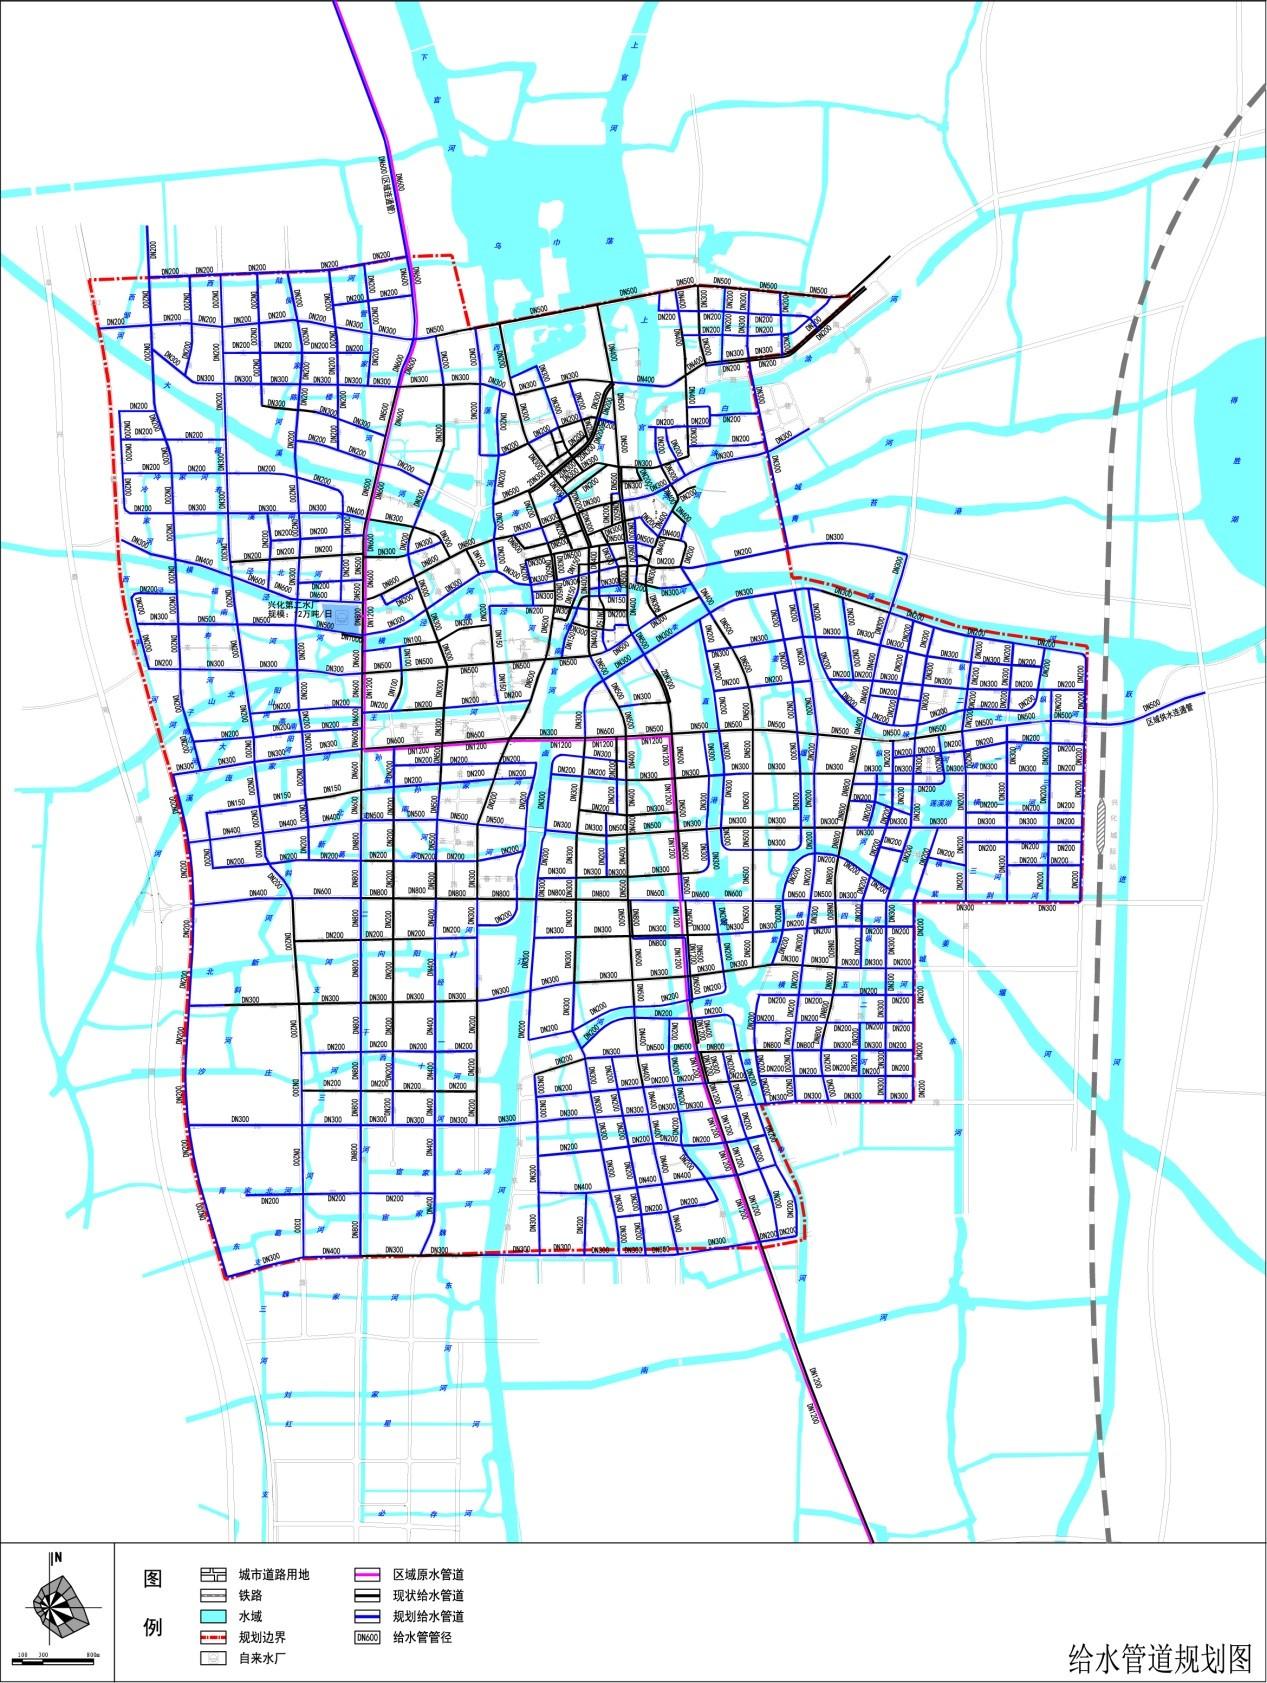 --> 近日,兴化市住房和城乡建设局委托我公司编制的《兴化市中心城区管线综合规划》,顺利通过专家评审,认为规划在统筹协调工程管线之间以及管线与其他工程之间关系,保障管线及设施规范建设、安全运行,促进管线及设施集约发展,合理、节约利用土地资源具有很强操作性。 本规划范围为兴化市中心城区建设用地范围,四至边界为北起乌巾荡、南至纬七路、西起233省道、东接跃进河。涉及老城区片区、城中片区、城南片区、西郊、昭阳片区、经济开发区及城东新区,总面积约69.